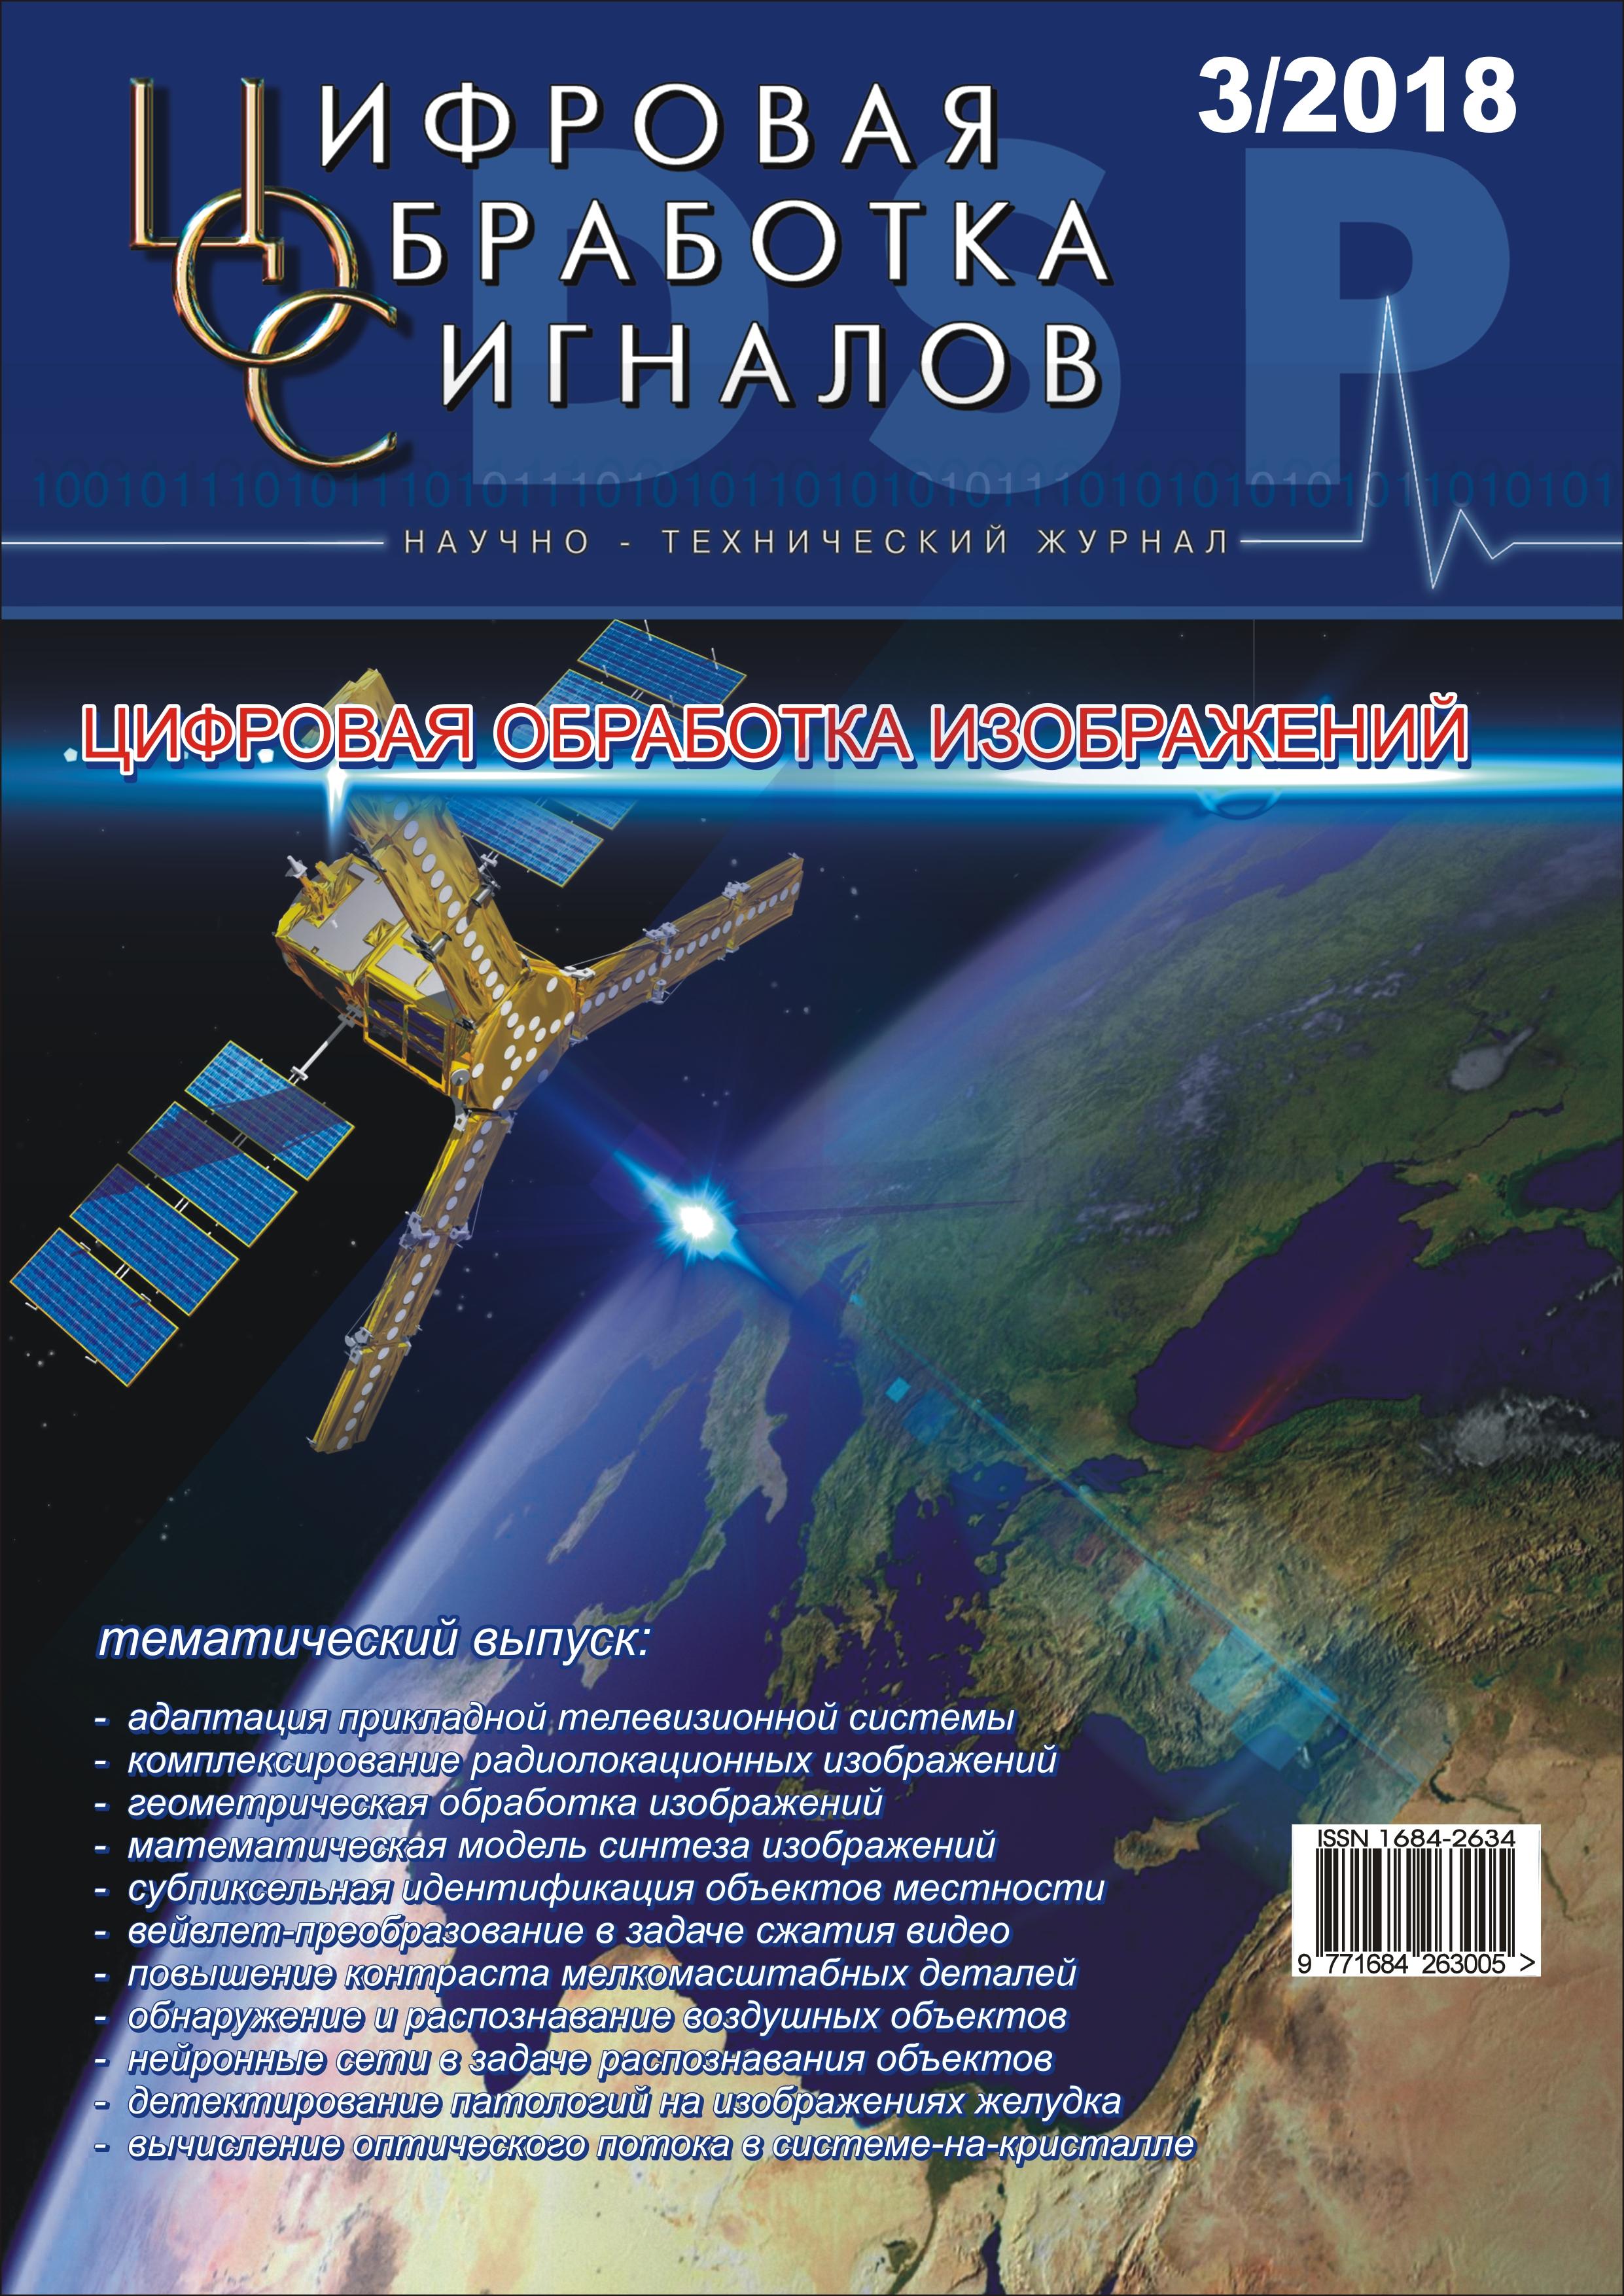 ЦИФРОВАЯ ОБРАБОТКА СИГНАЛОВ - научно-технический журнал